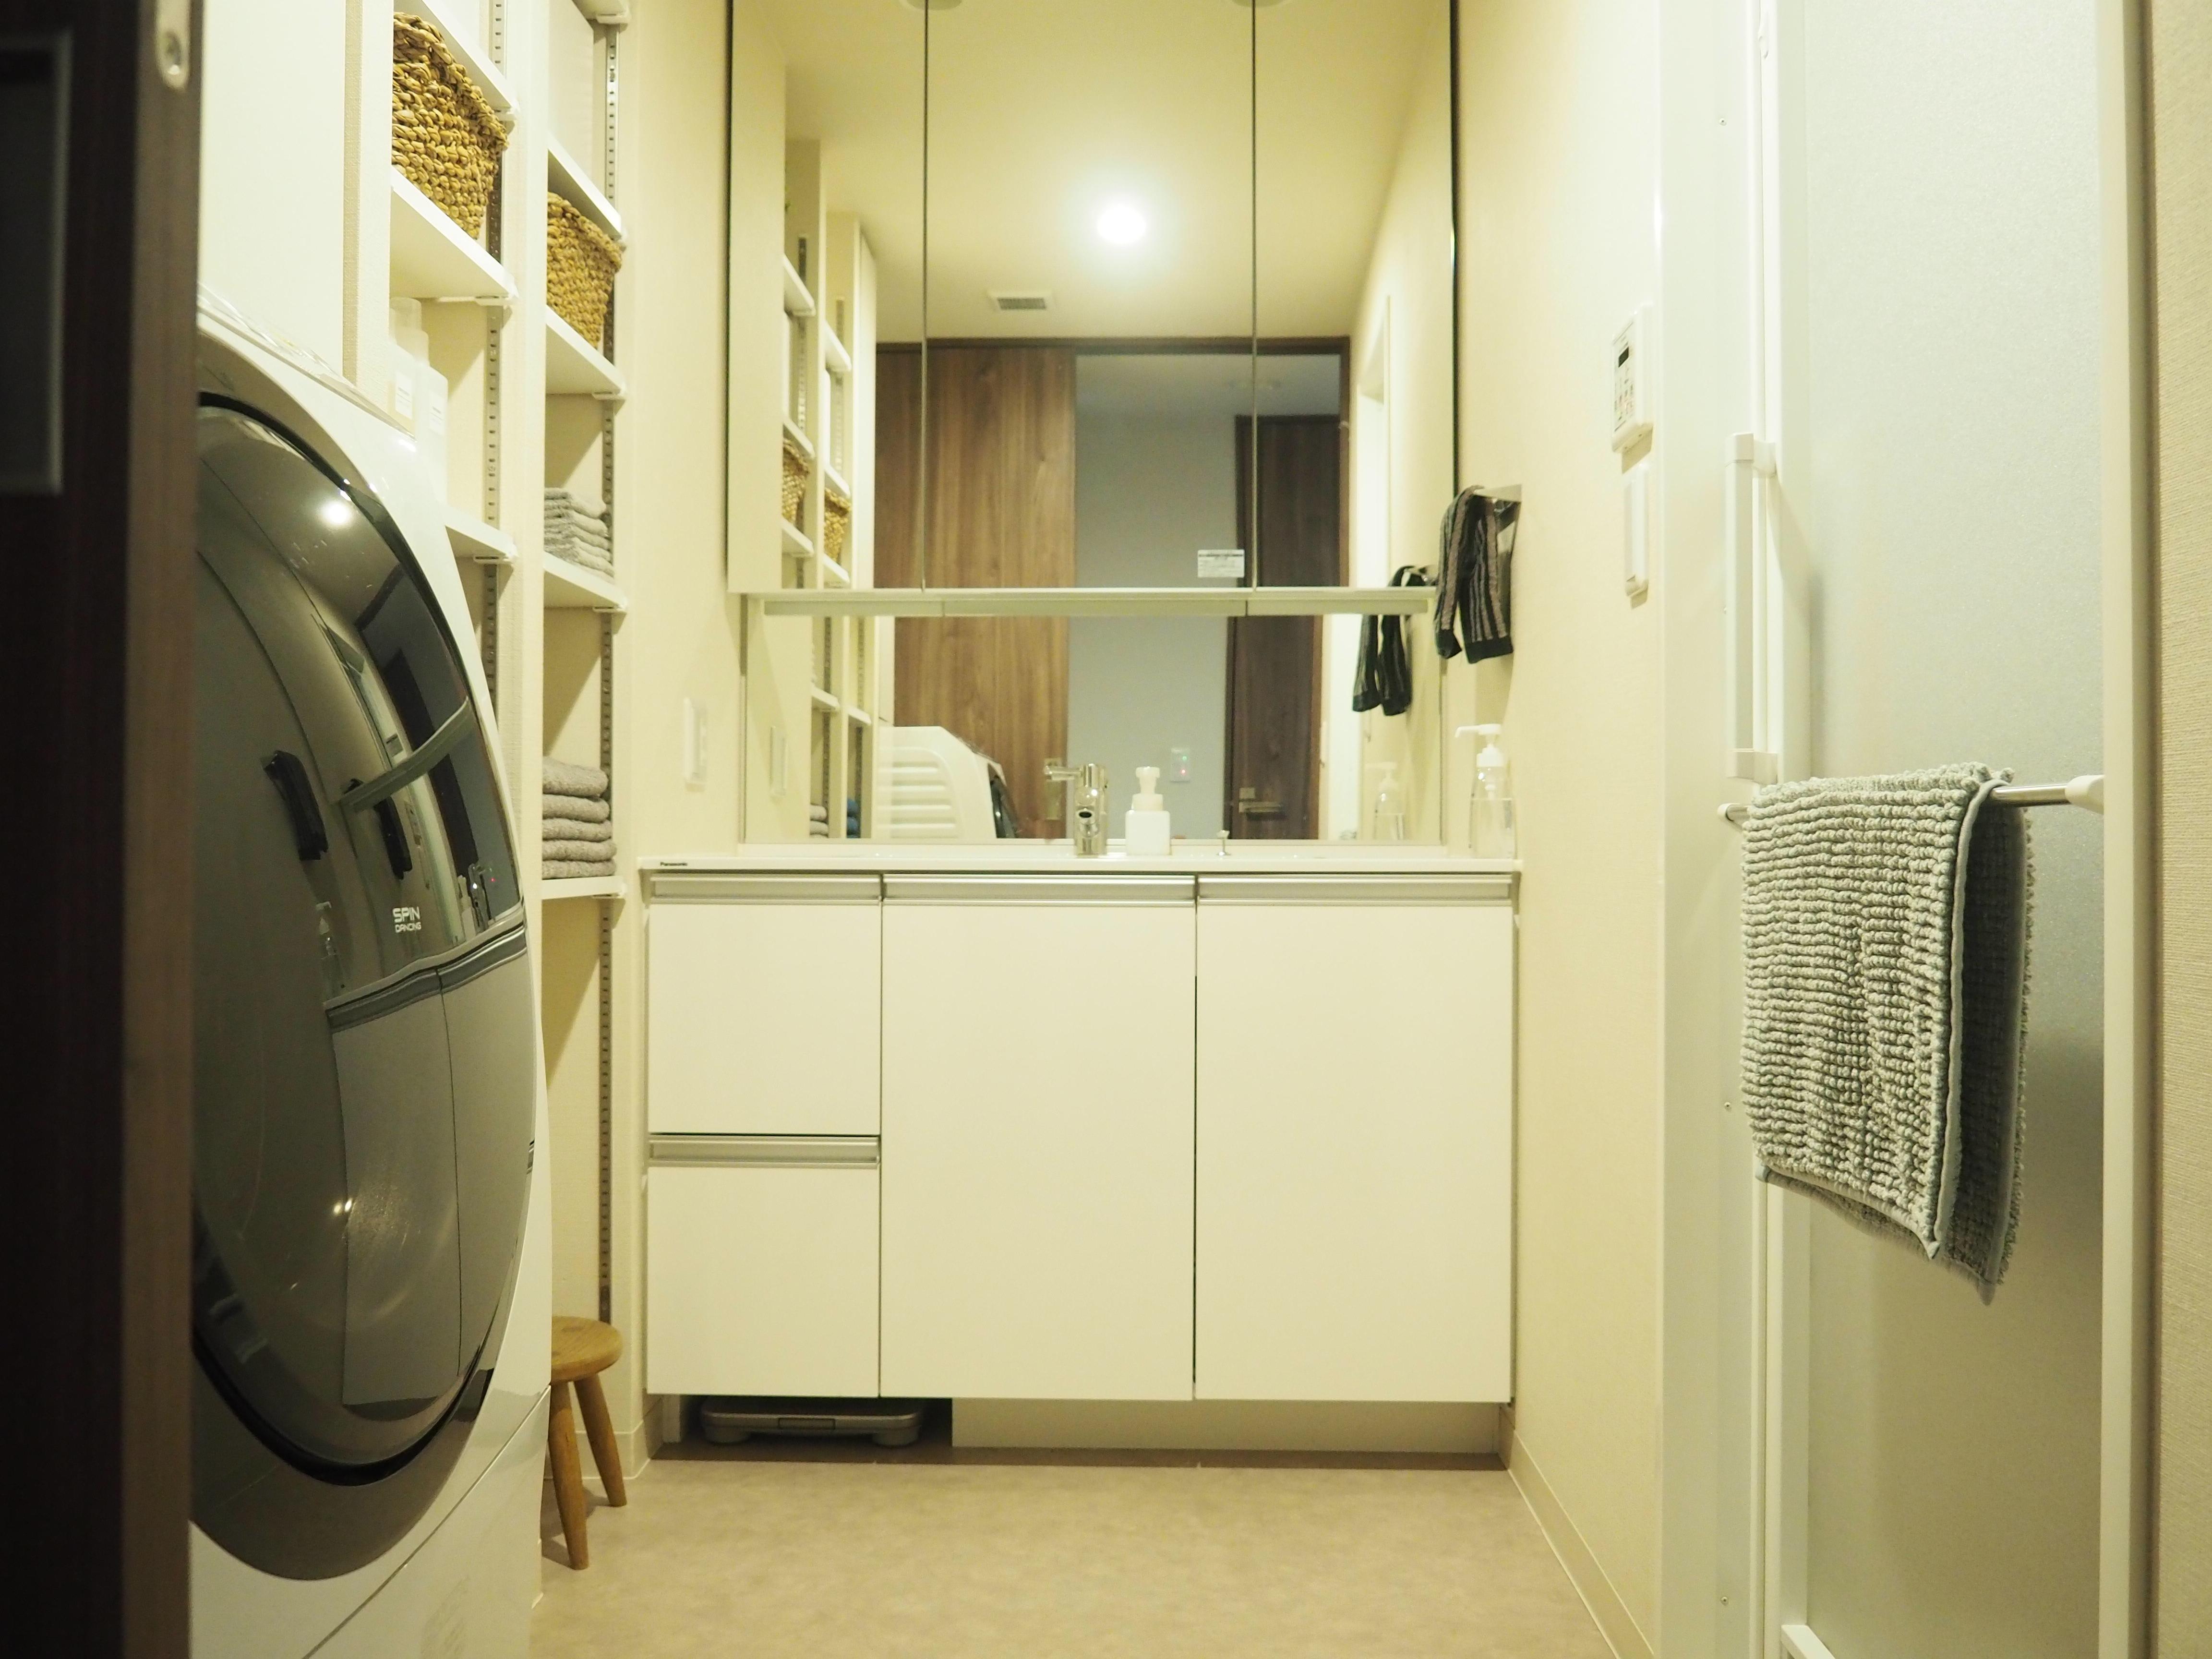 <マンション暮らしの洗面所>ラクするゴミ箱とバスマットのはなし